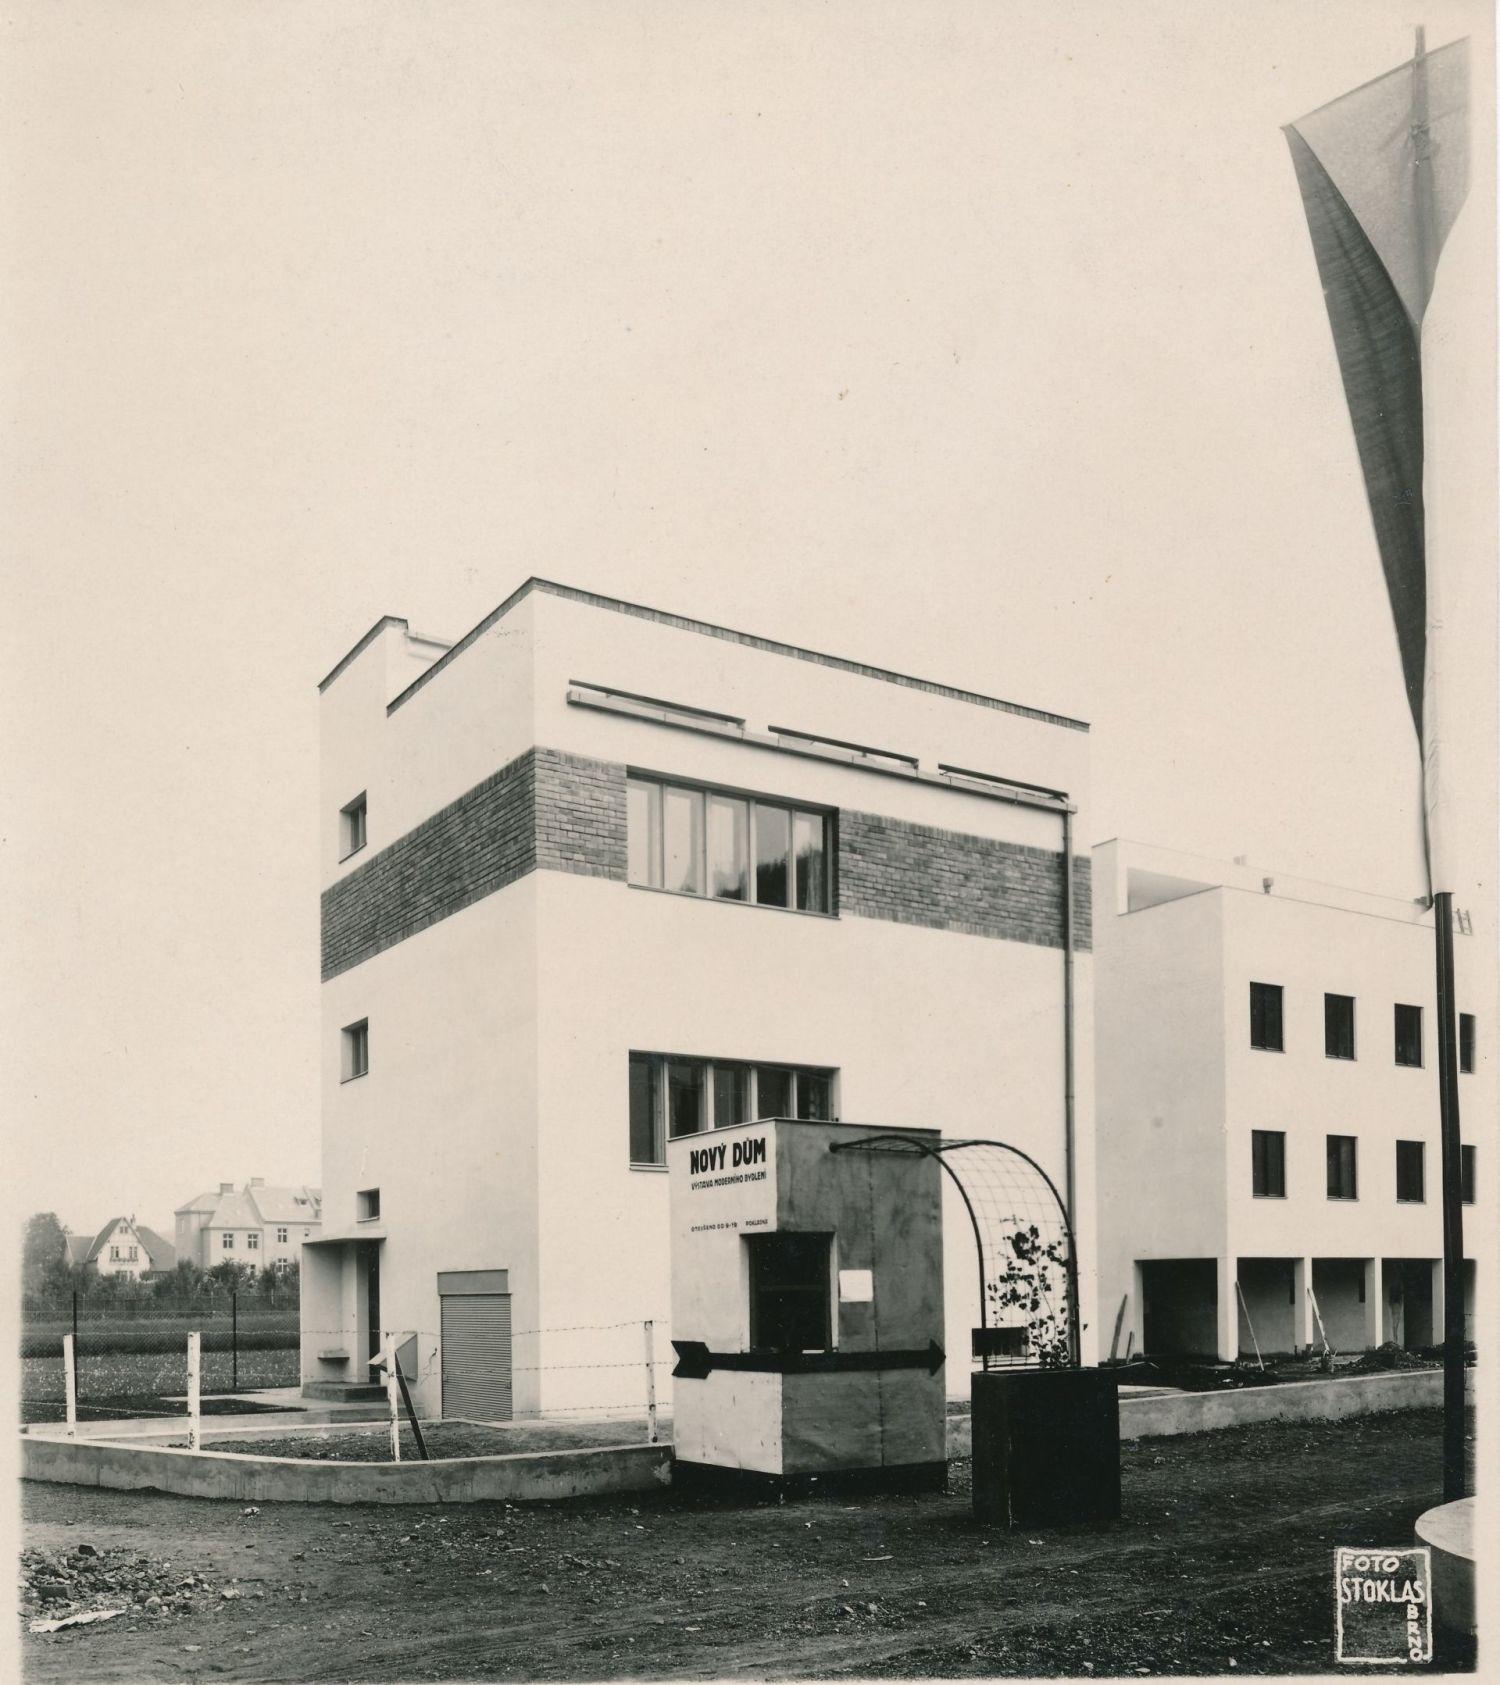 Dom zaprojektowany przez Jaroslava Siřištĕ, widok przed oficjalnym otwarciem wystawy ze stoiskiem do sprzedaży biletów, 1928, fot. Karel Stoklas, zbiory prywatne © Muzeum města Brna (źródło: materiały prasowe organizatora)